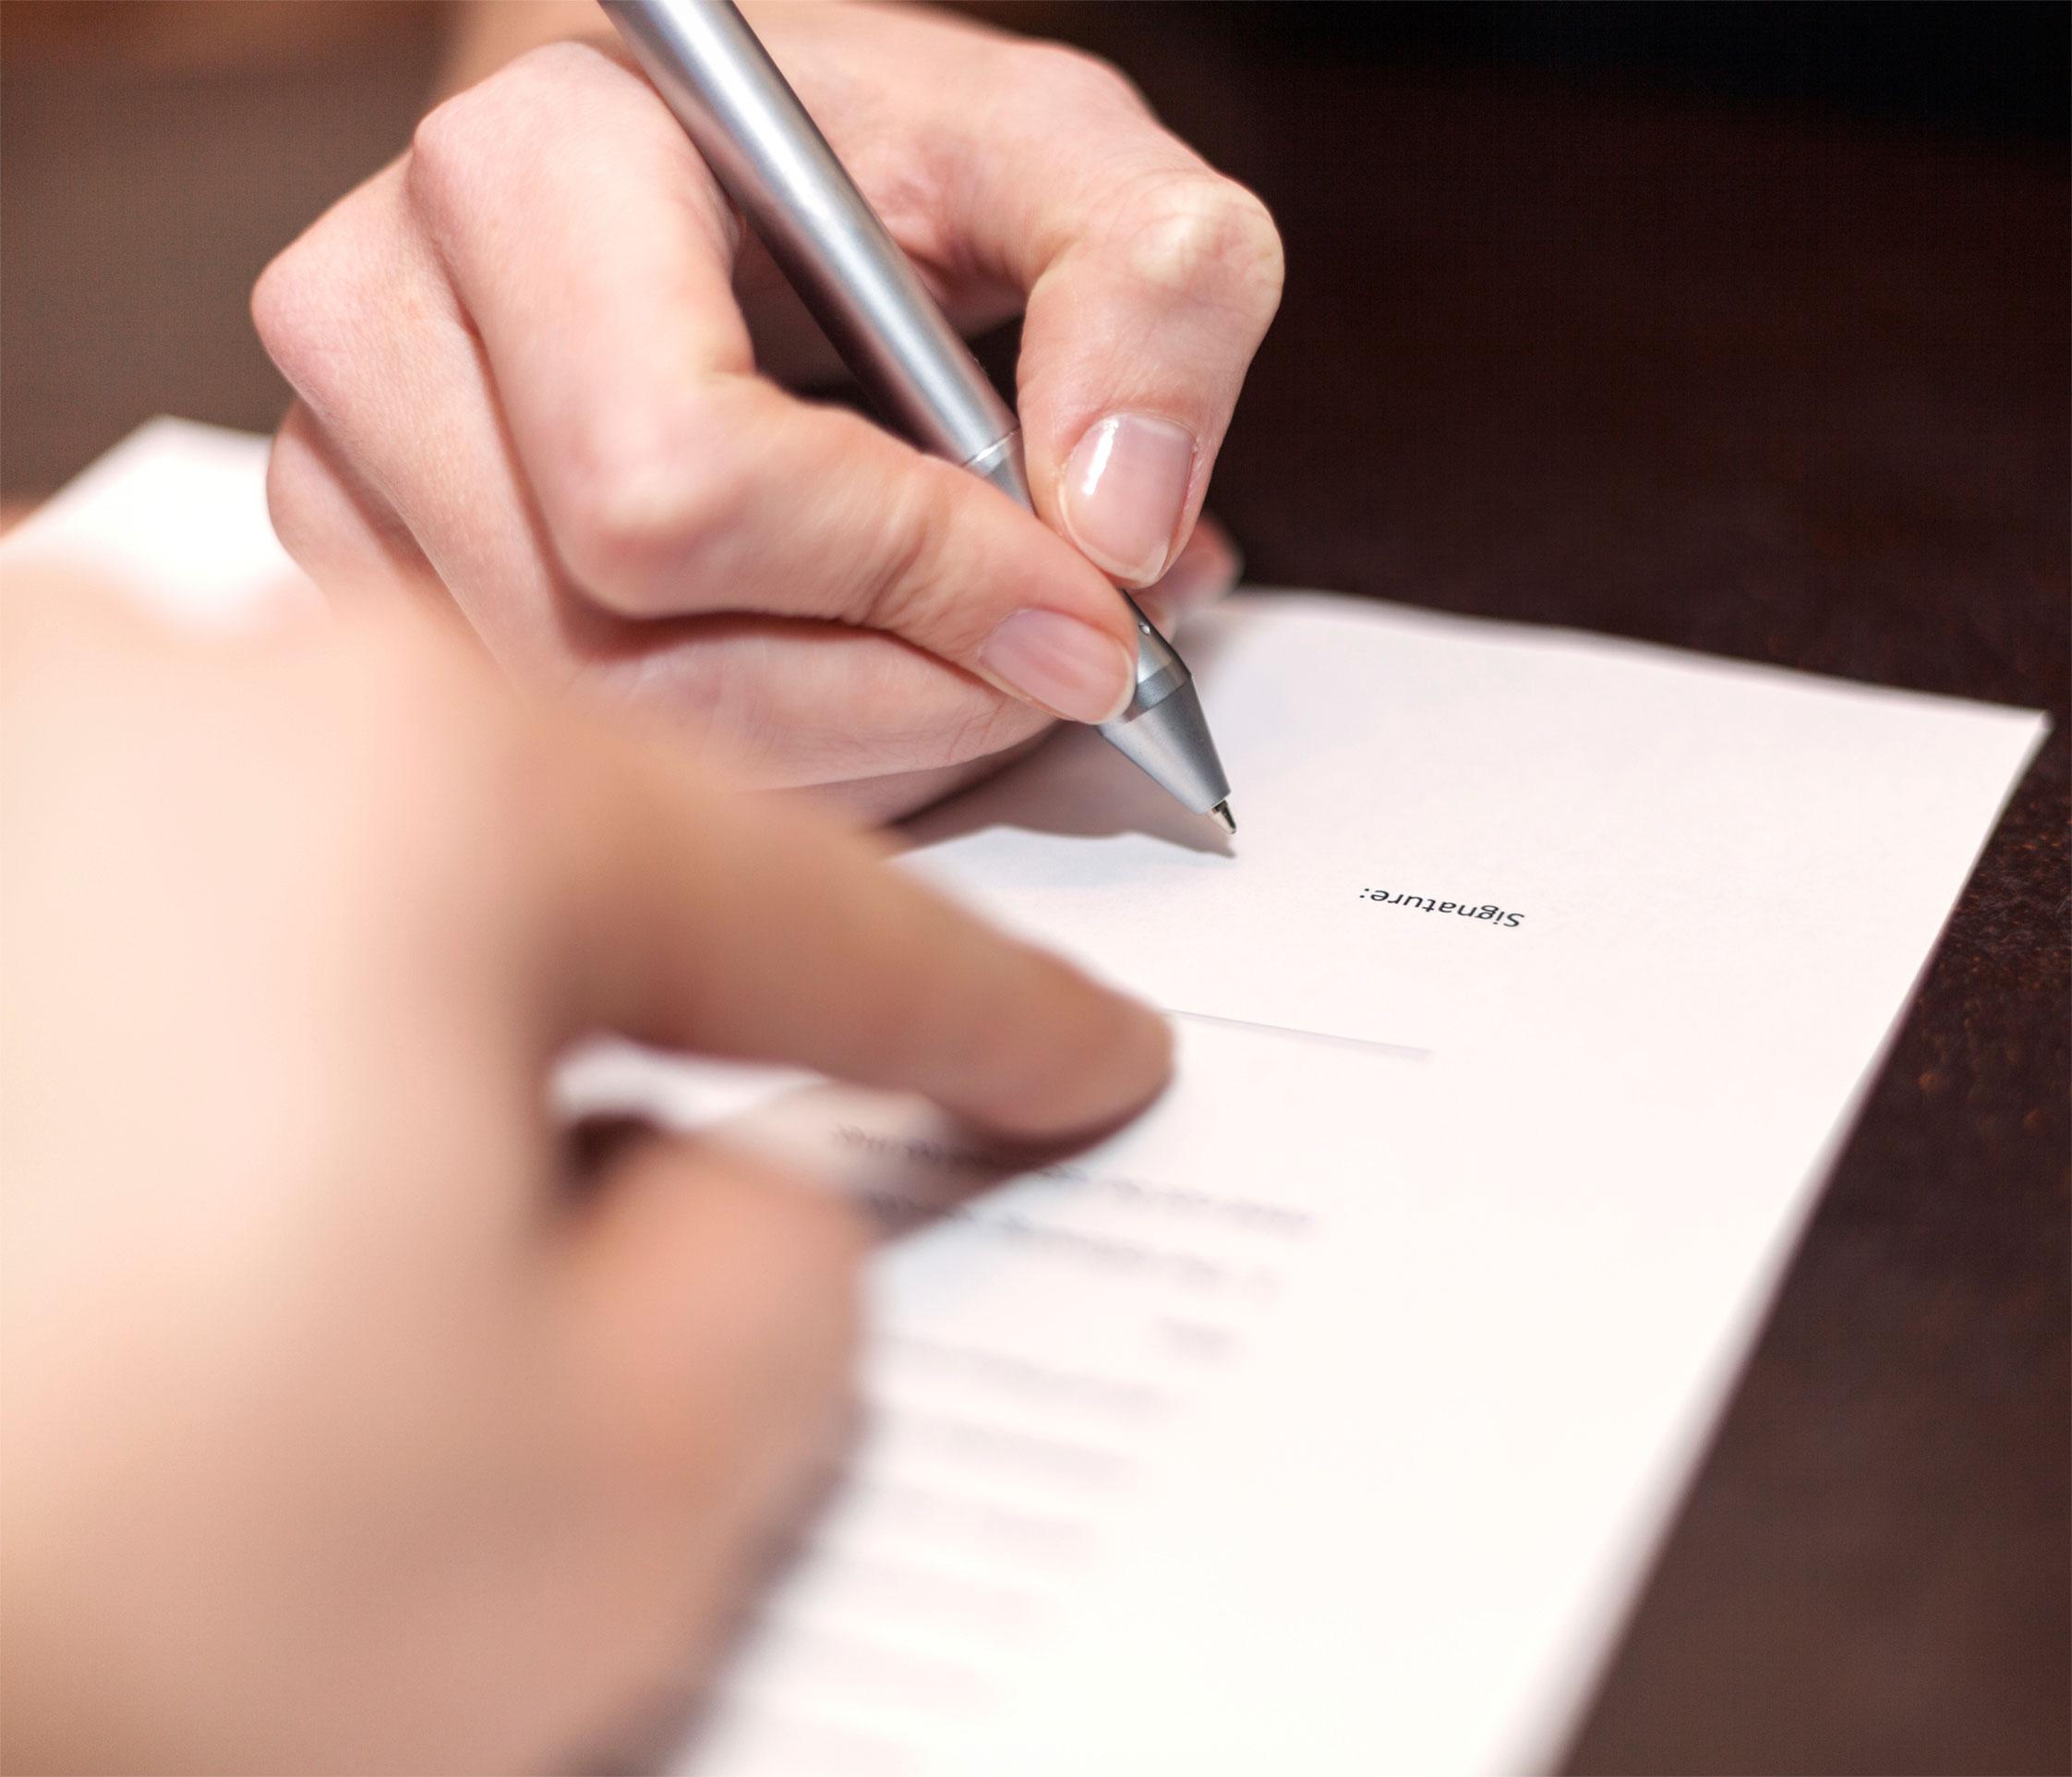 Подписание объяснительной